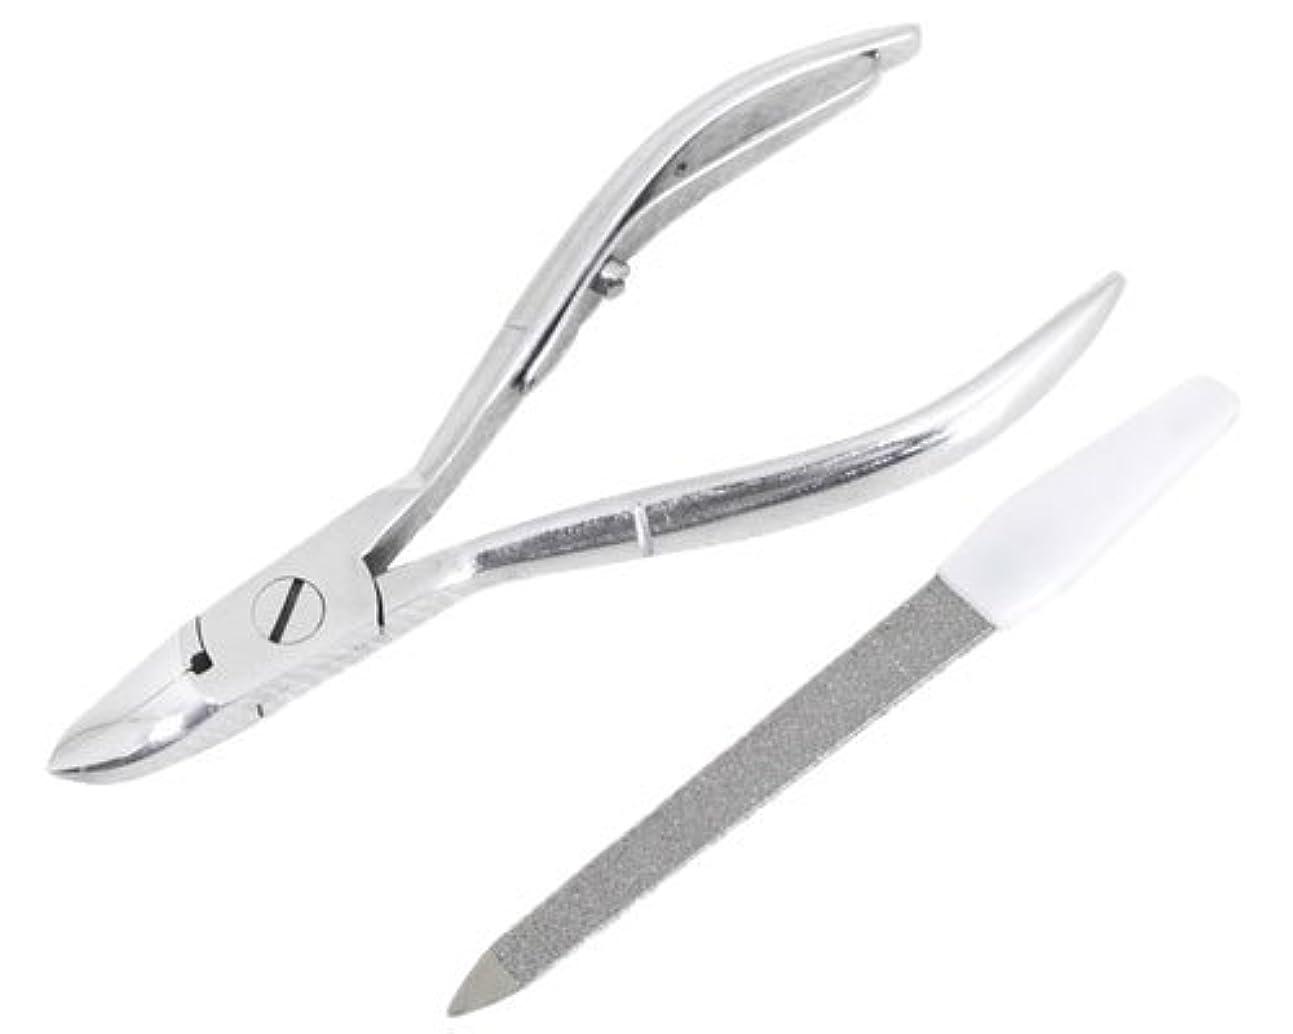 ファウルタブレットハロウィンニッパー型爪切り 爪仕上げヤスリ付 F-21 (スミカマ)